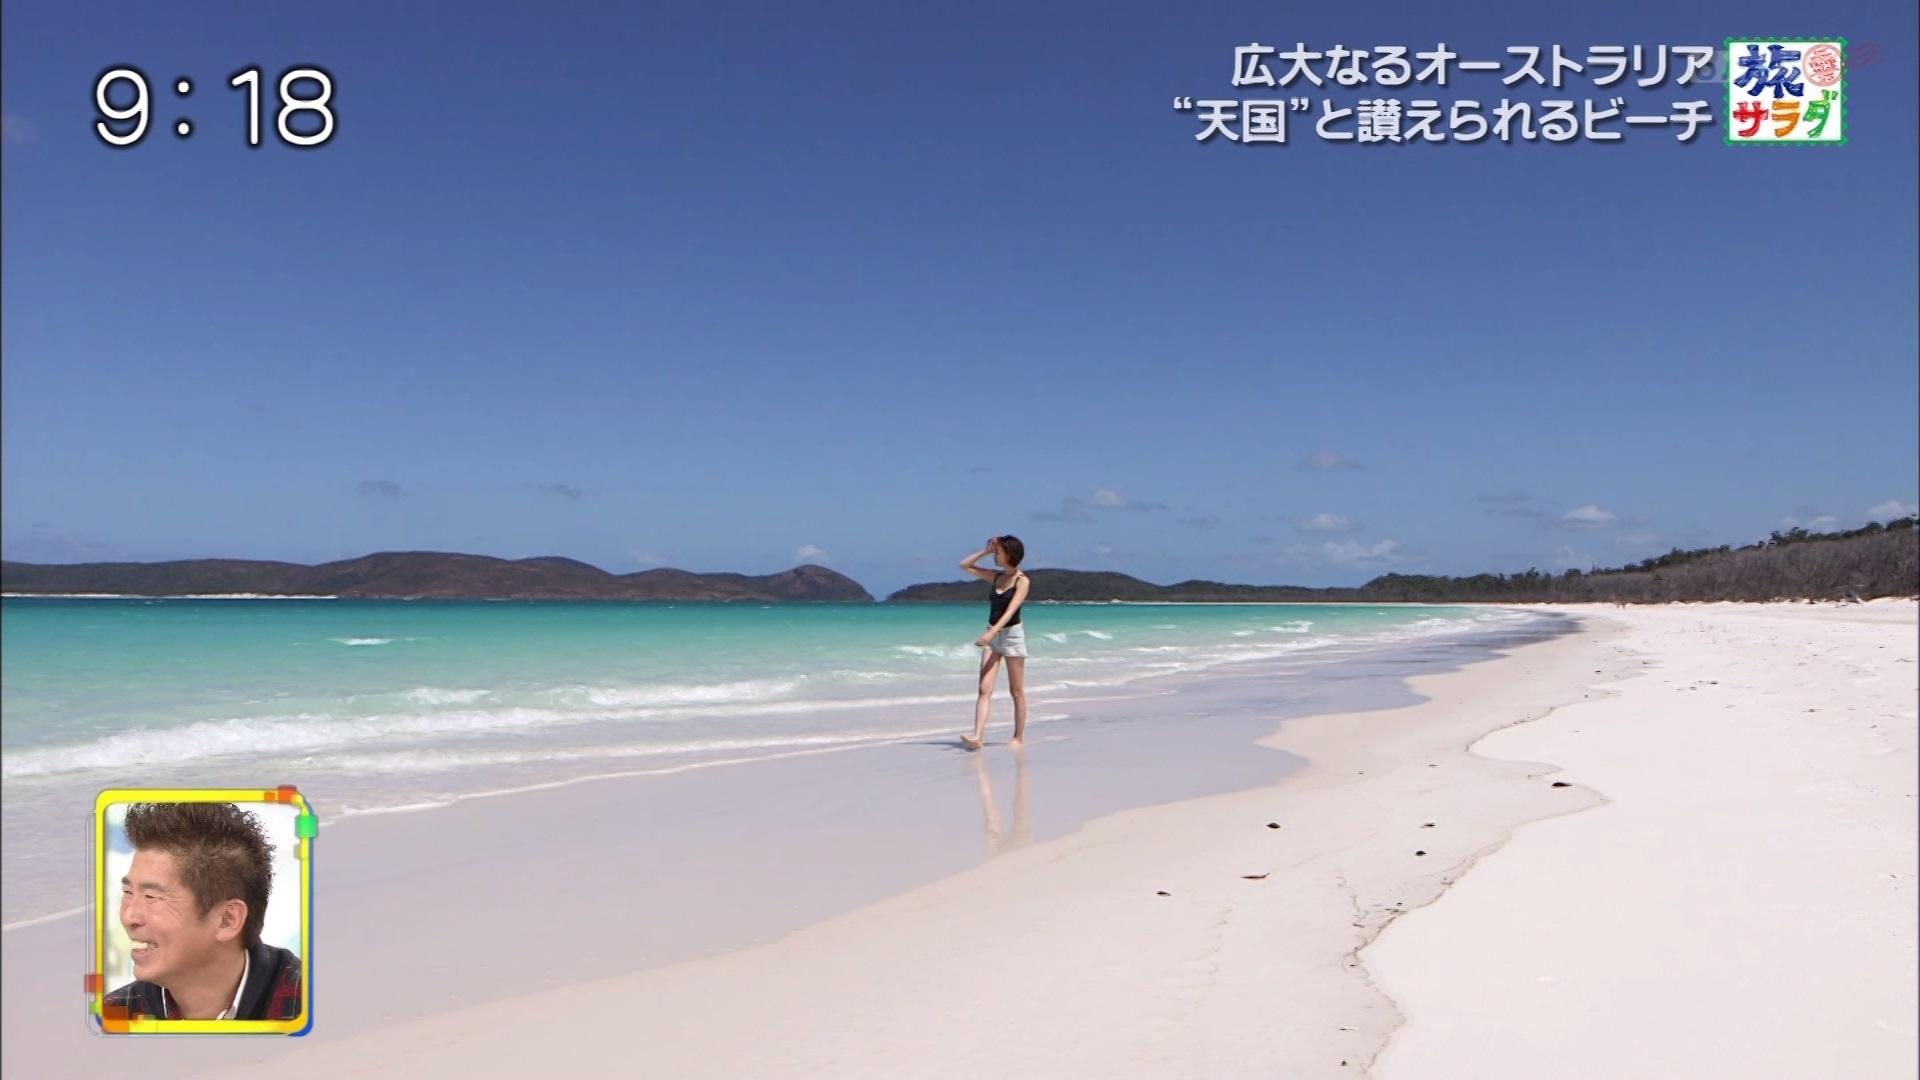 2019年2月23日テレビ朝日「旅サラダ」渡辺舞さんのテレビキャプチャー画像-061